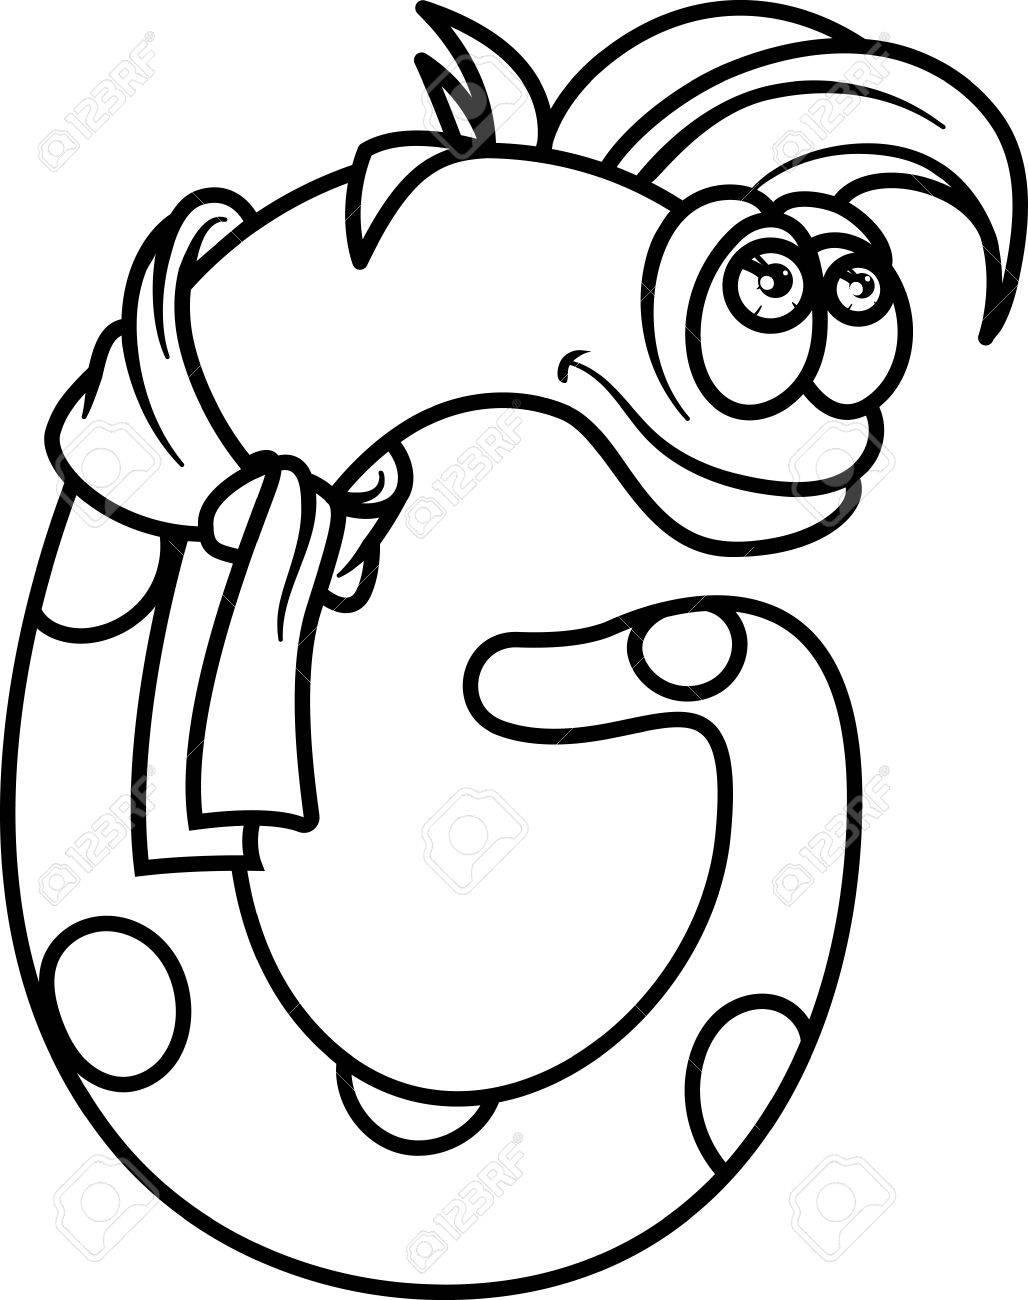 Monster Páginas Para Colorear Alfabeto: Letra G Ilustraciones ...